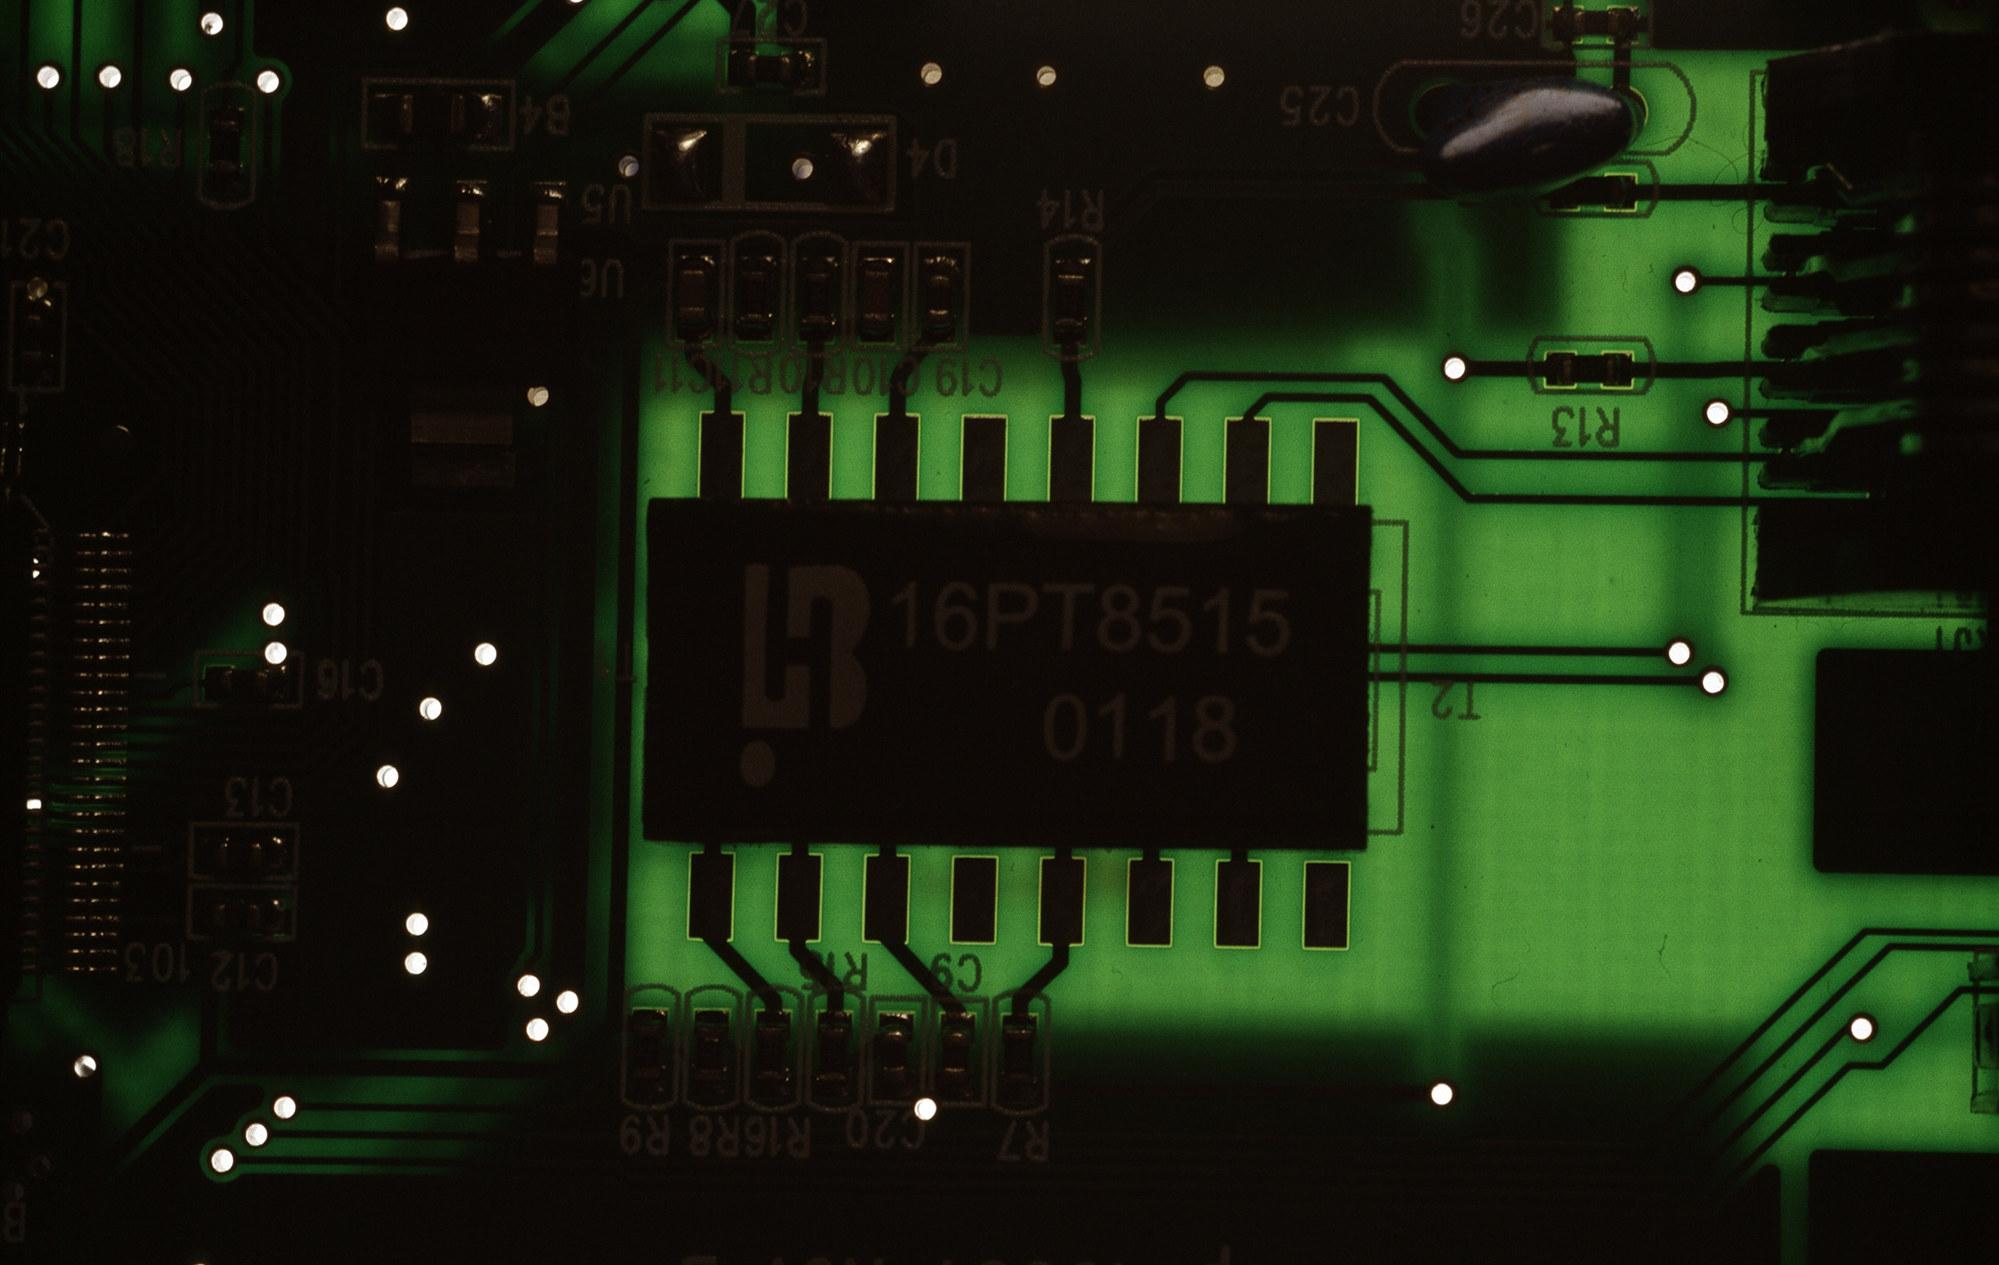 蓝宝石官网上线专为服务器设计的 GPRO X070